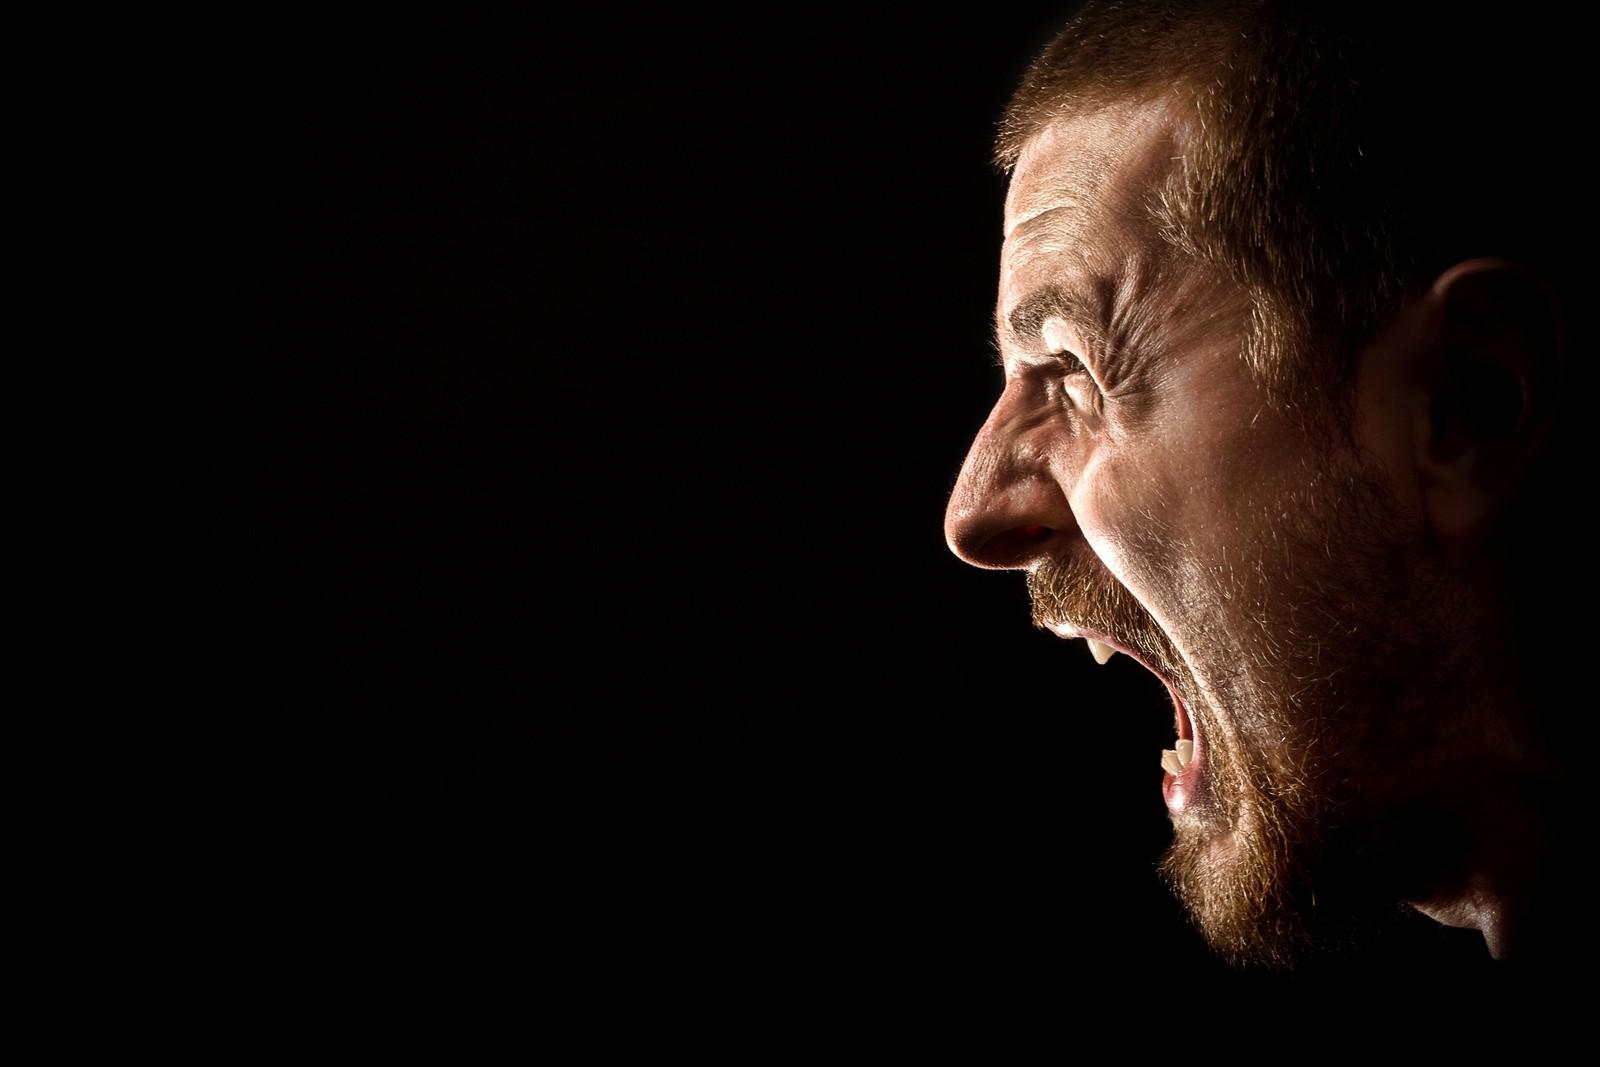 Im Kritikgespräch sind Emotionen überflüssig.